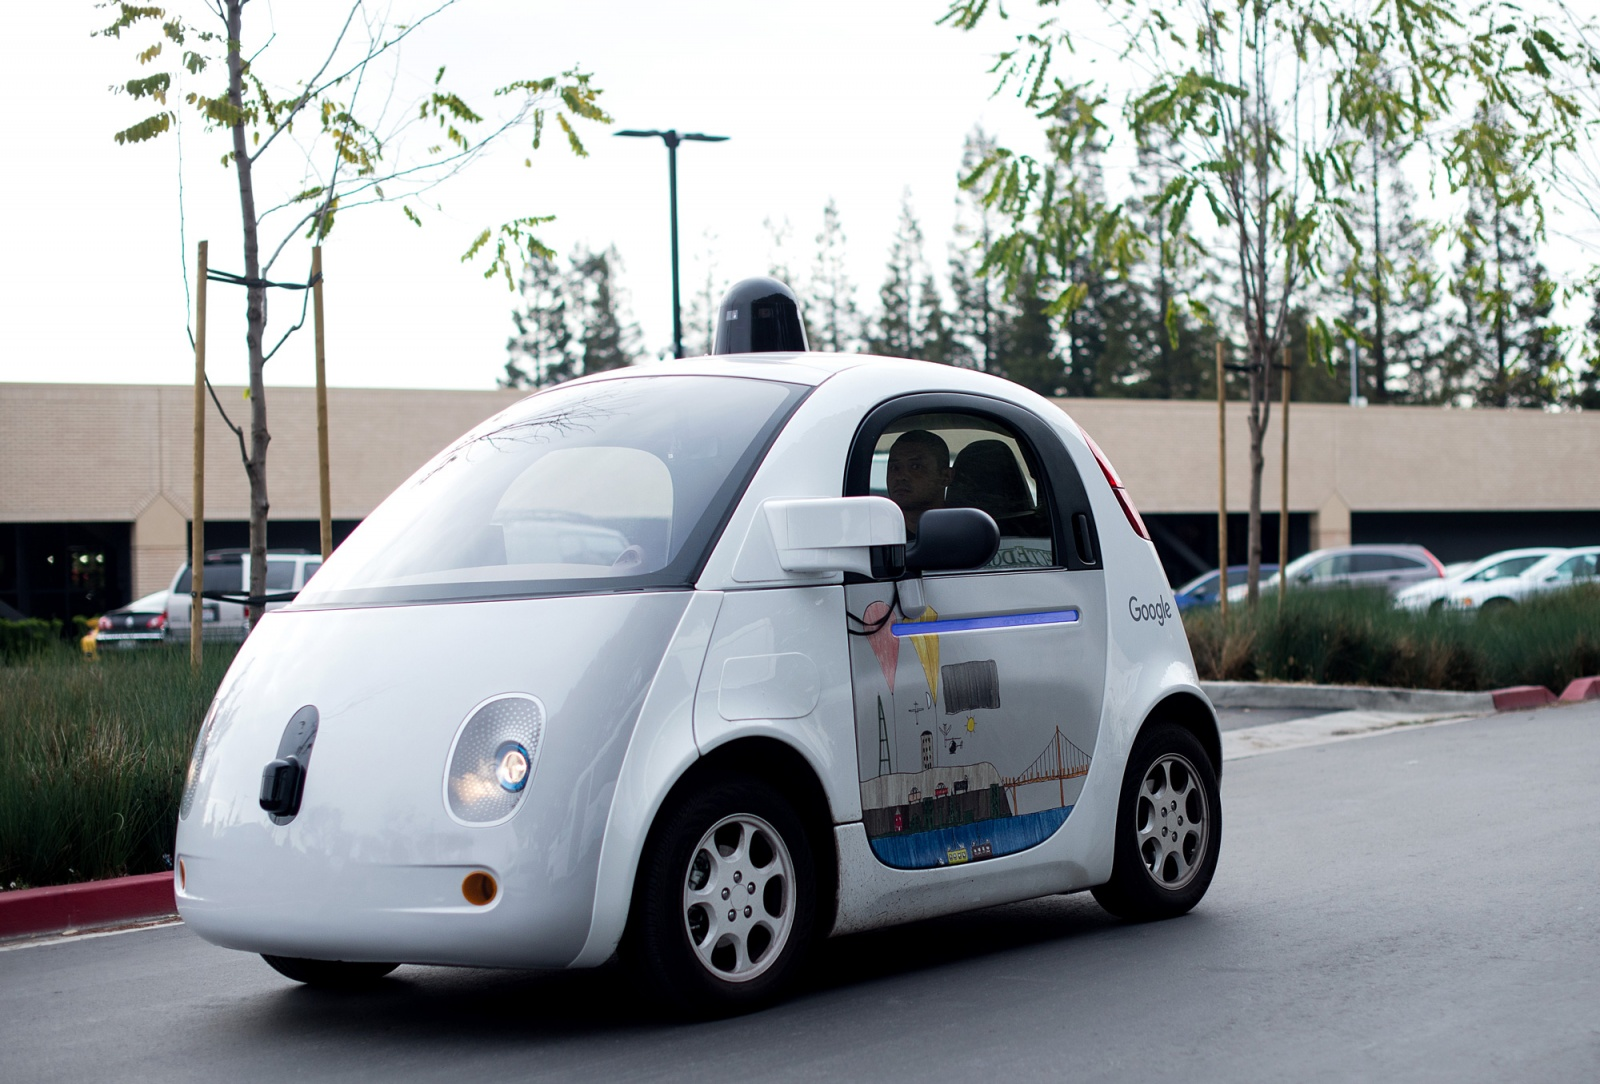 Беспилотные автомобили Google получили юридическое лицо: Waymo - 3